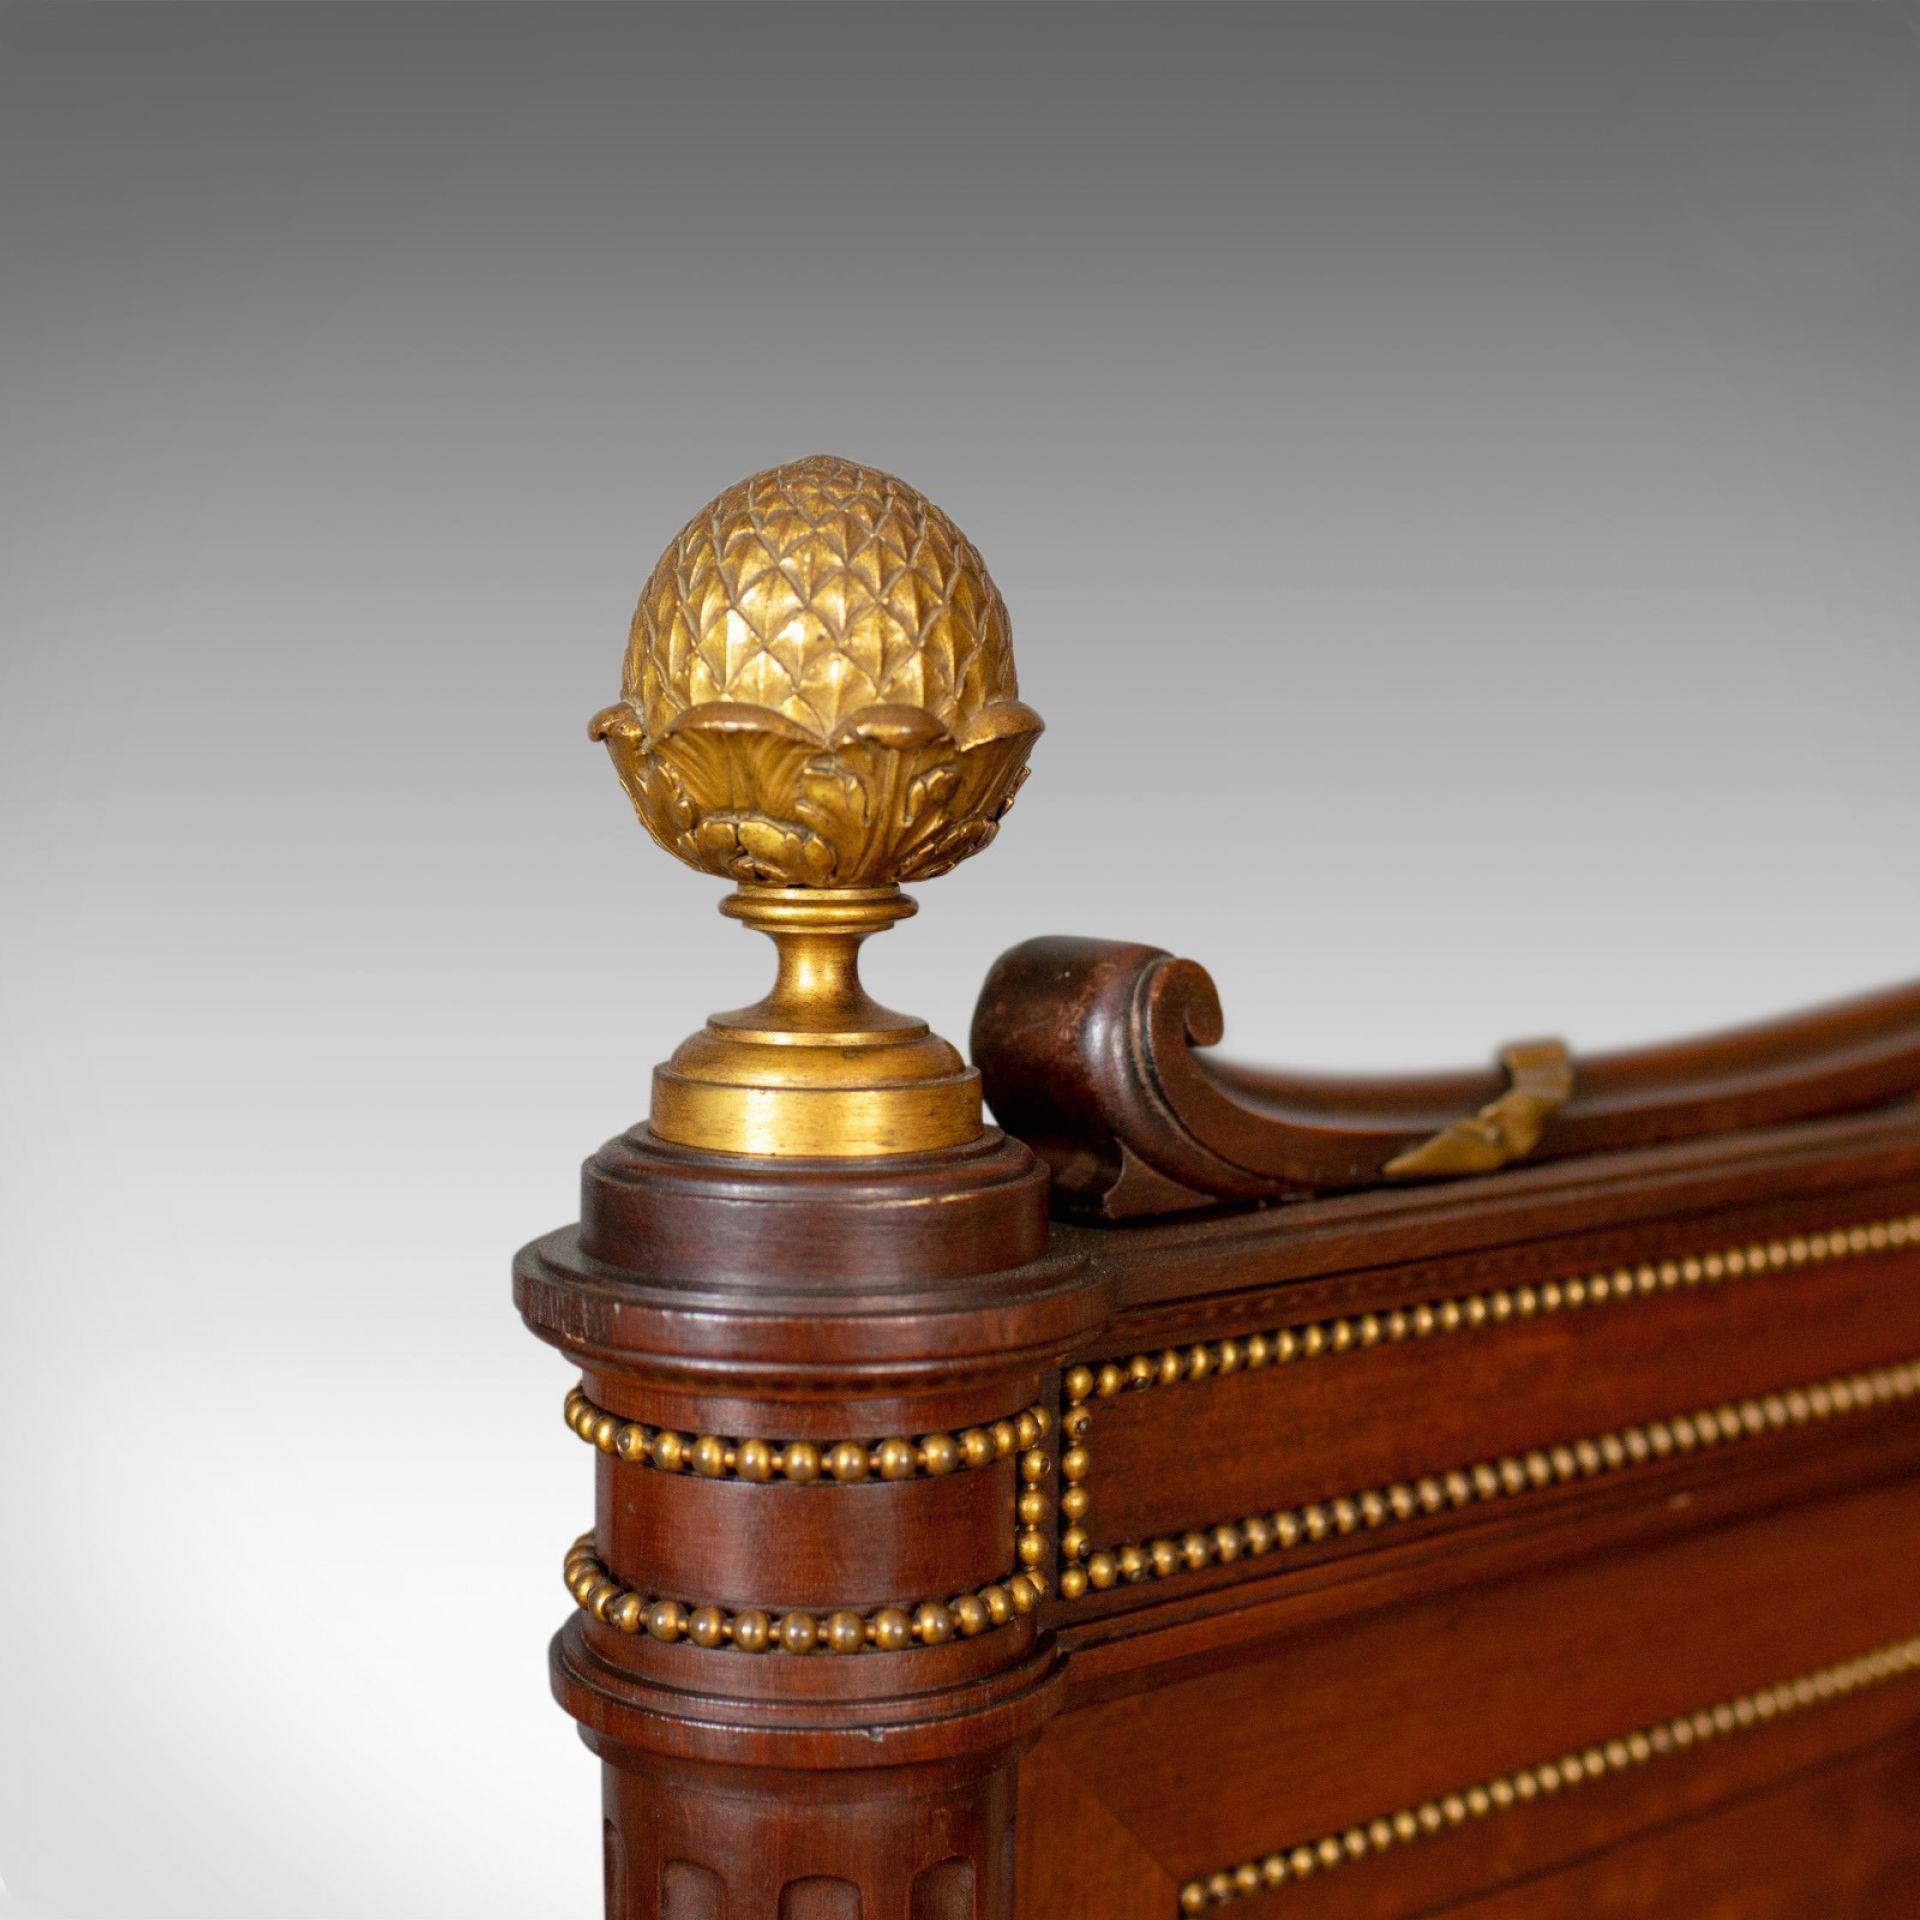 Antique Bed Frame, French, Bedstead, Louis XVI Taste, Constantin Potheau c.1910